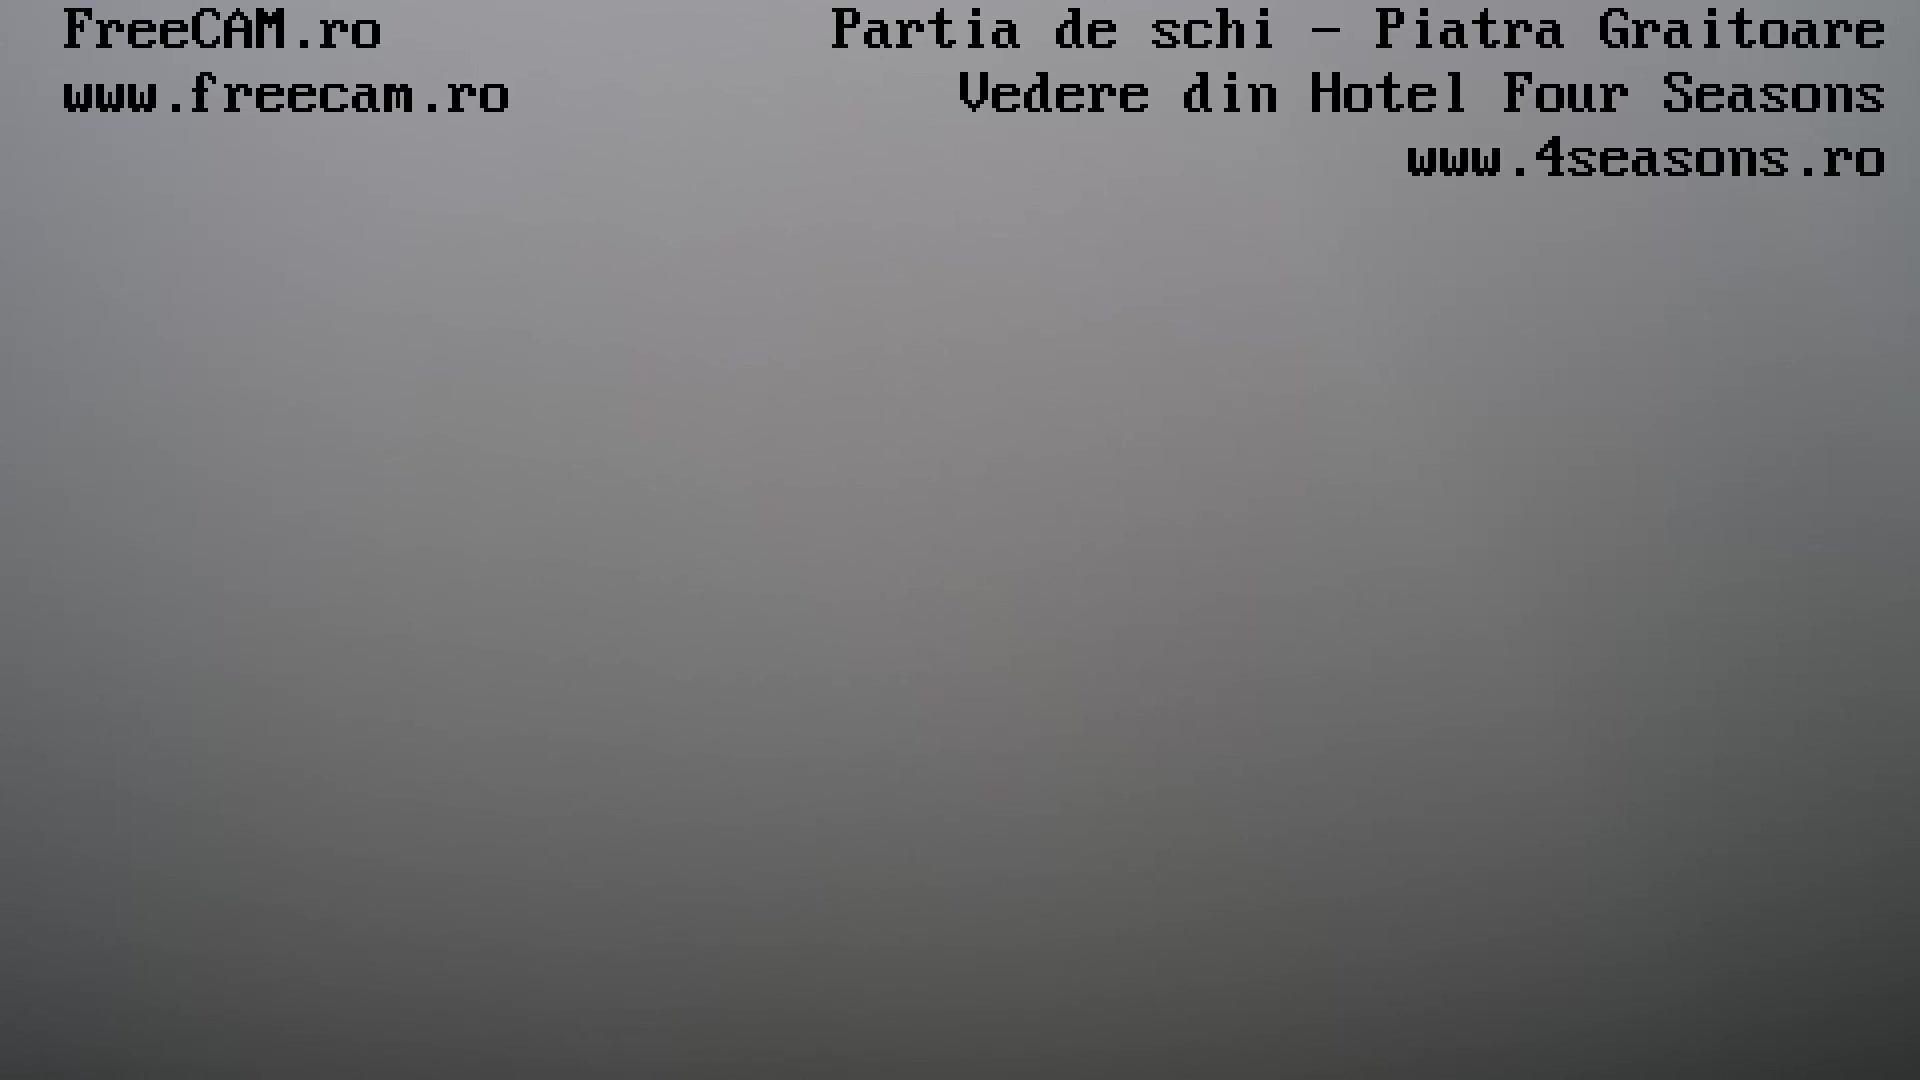 Live Piatra Graitoare